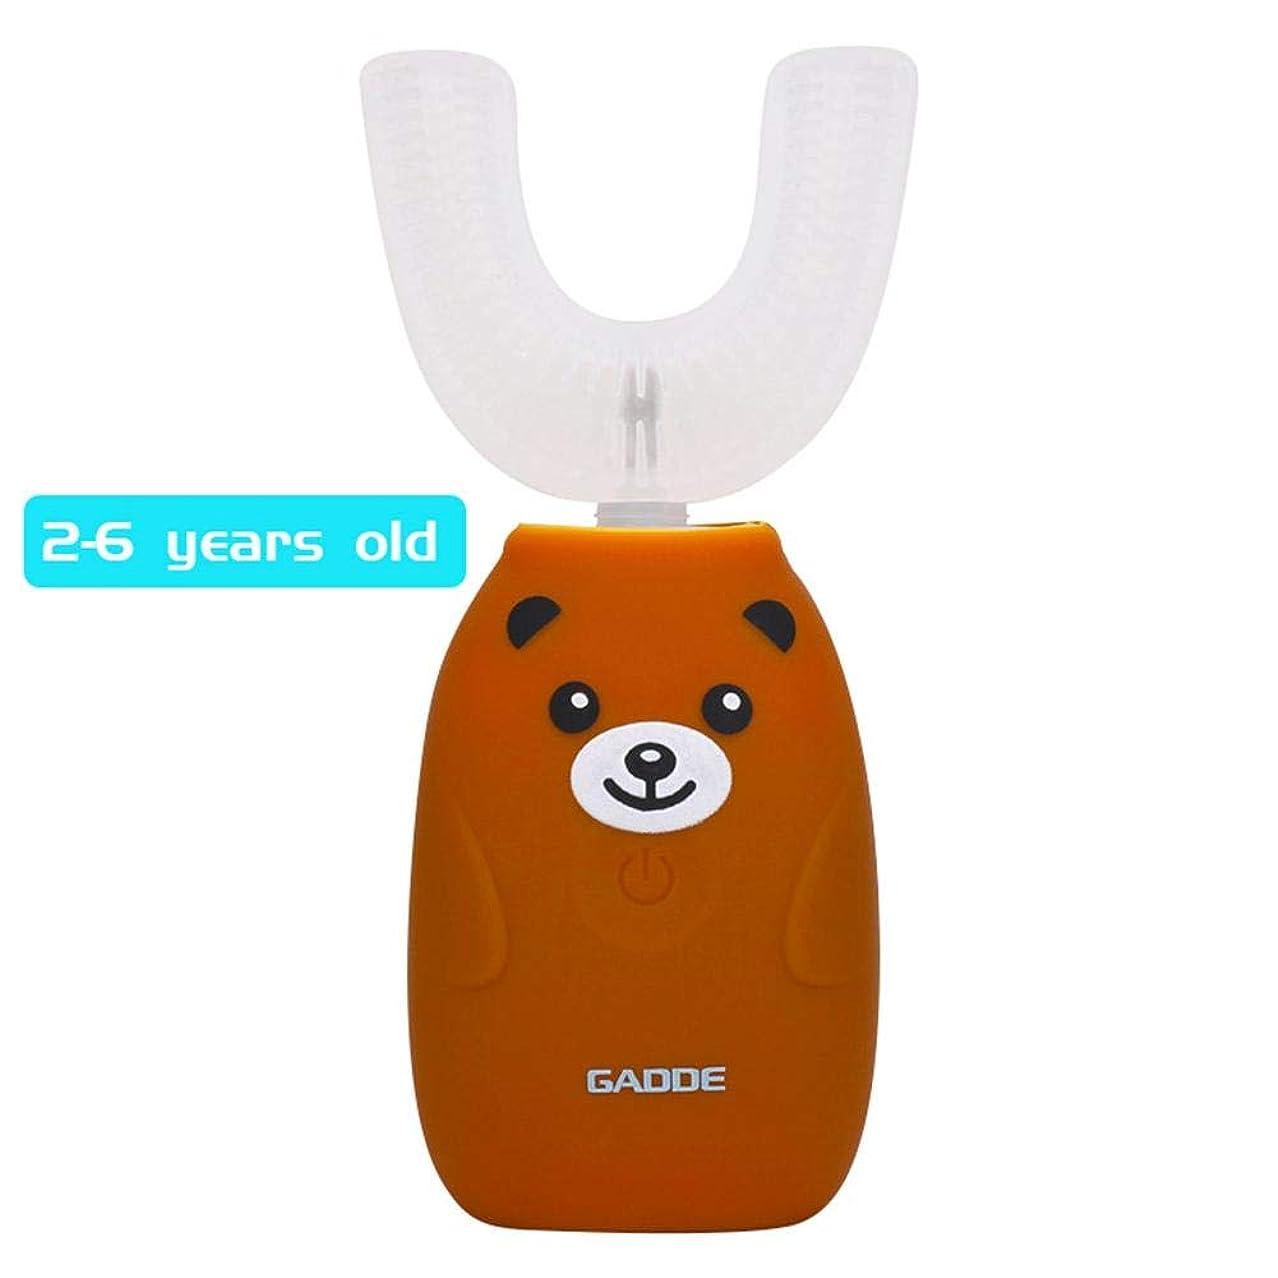 U型電動歯ブラシ超音波自動歯ブラシ 360°包囲清掃歯 怠け者歯ブラシ 4つモードUSB充電 IPX7防水 自動歯ブラシ